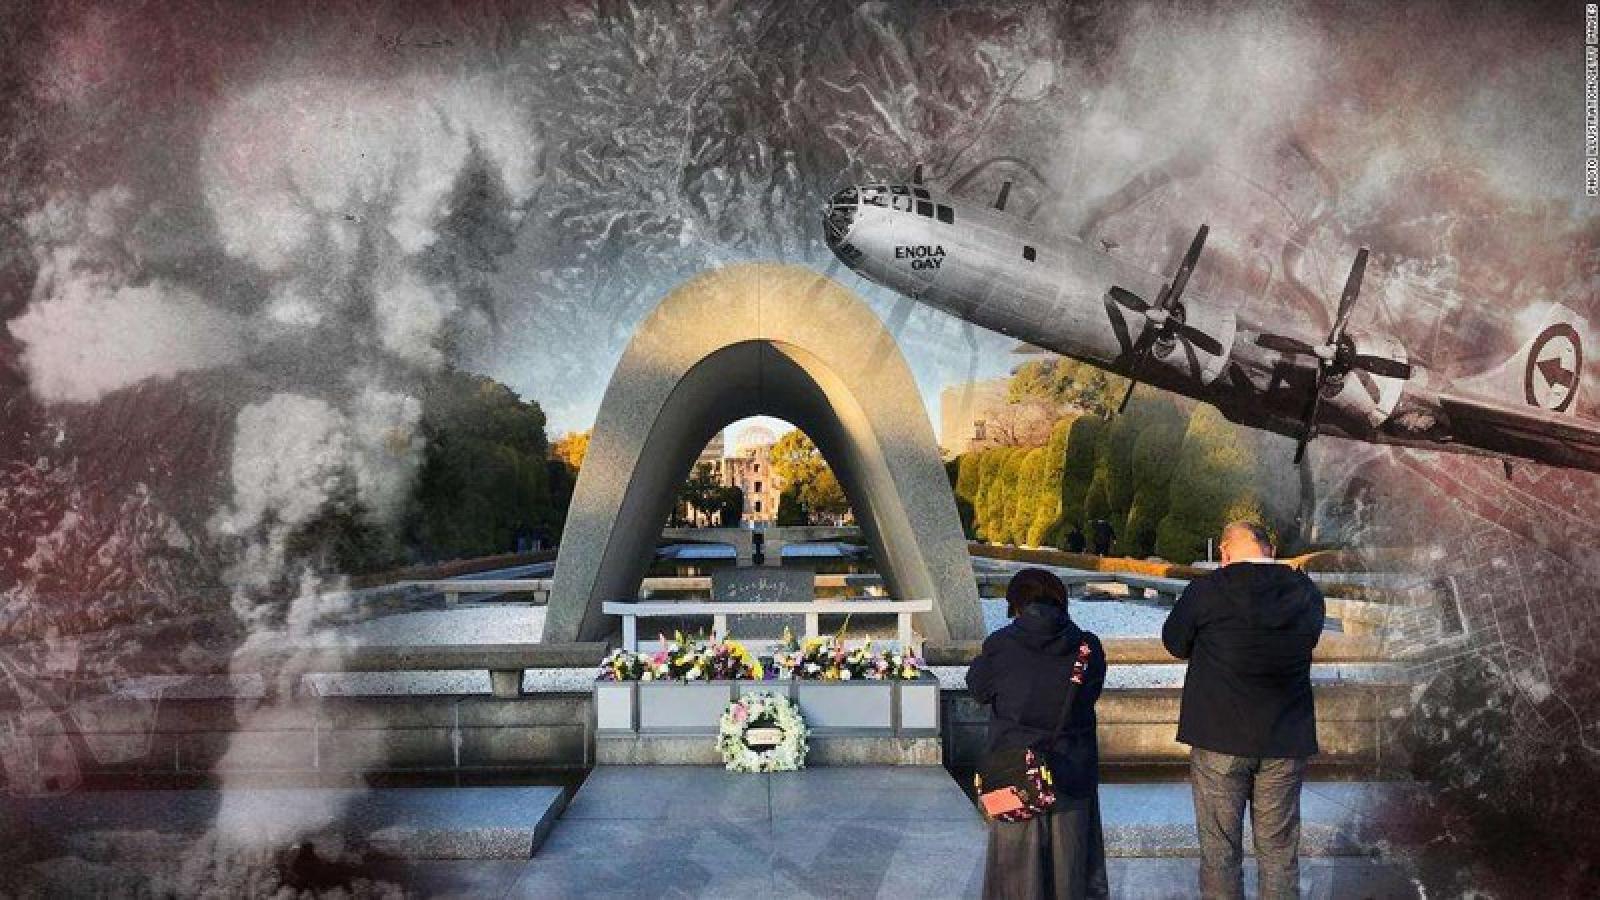 Nhật Bản kỷ niệm 75 năm Mỹ ném bom nguyên tử xuống Hiroshima